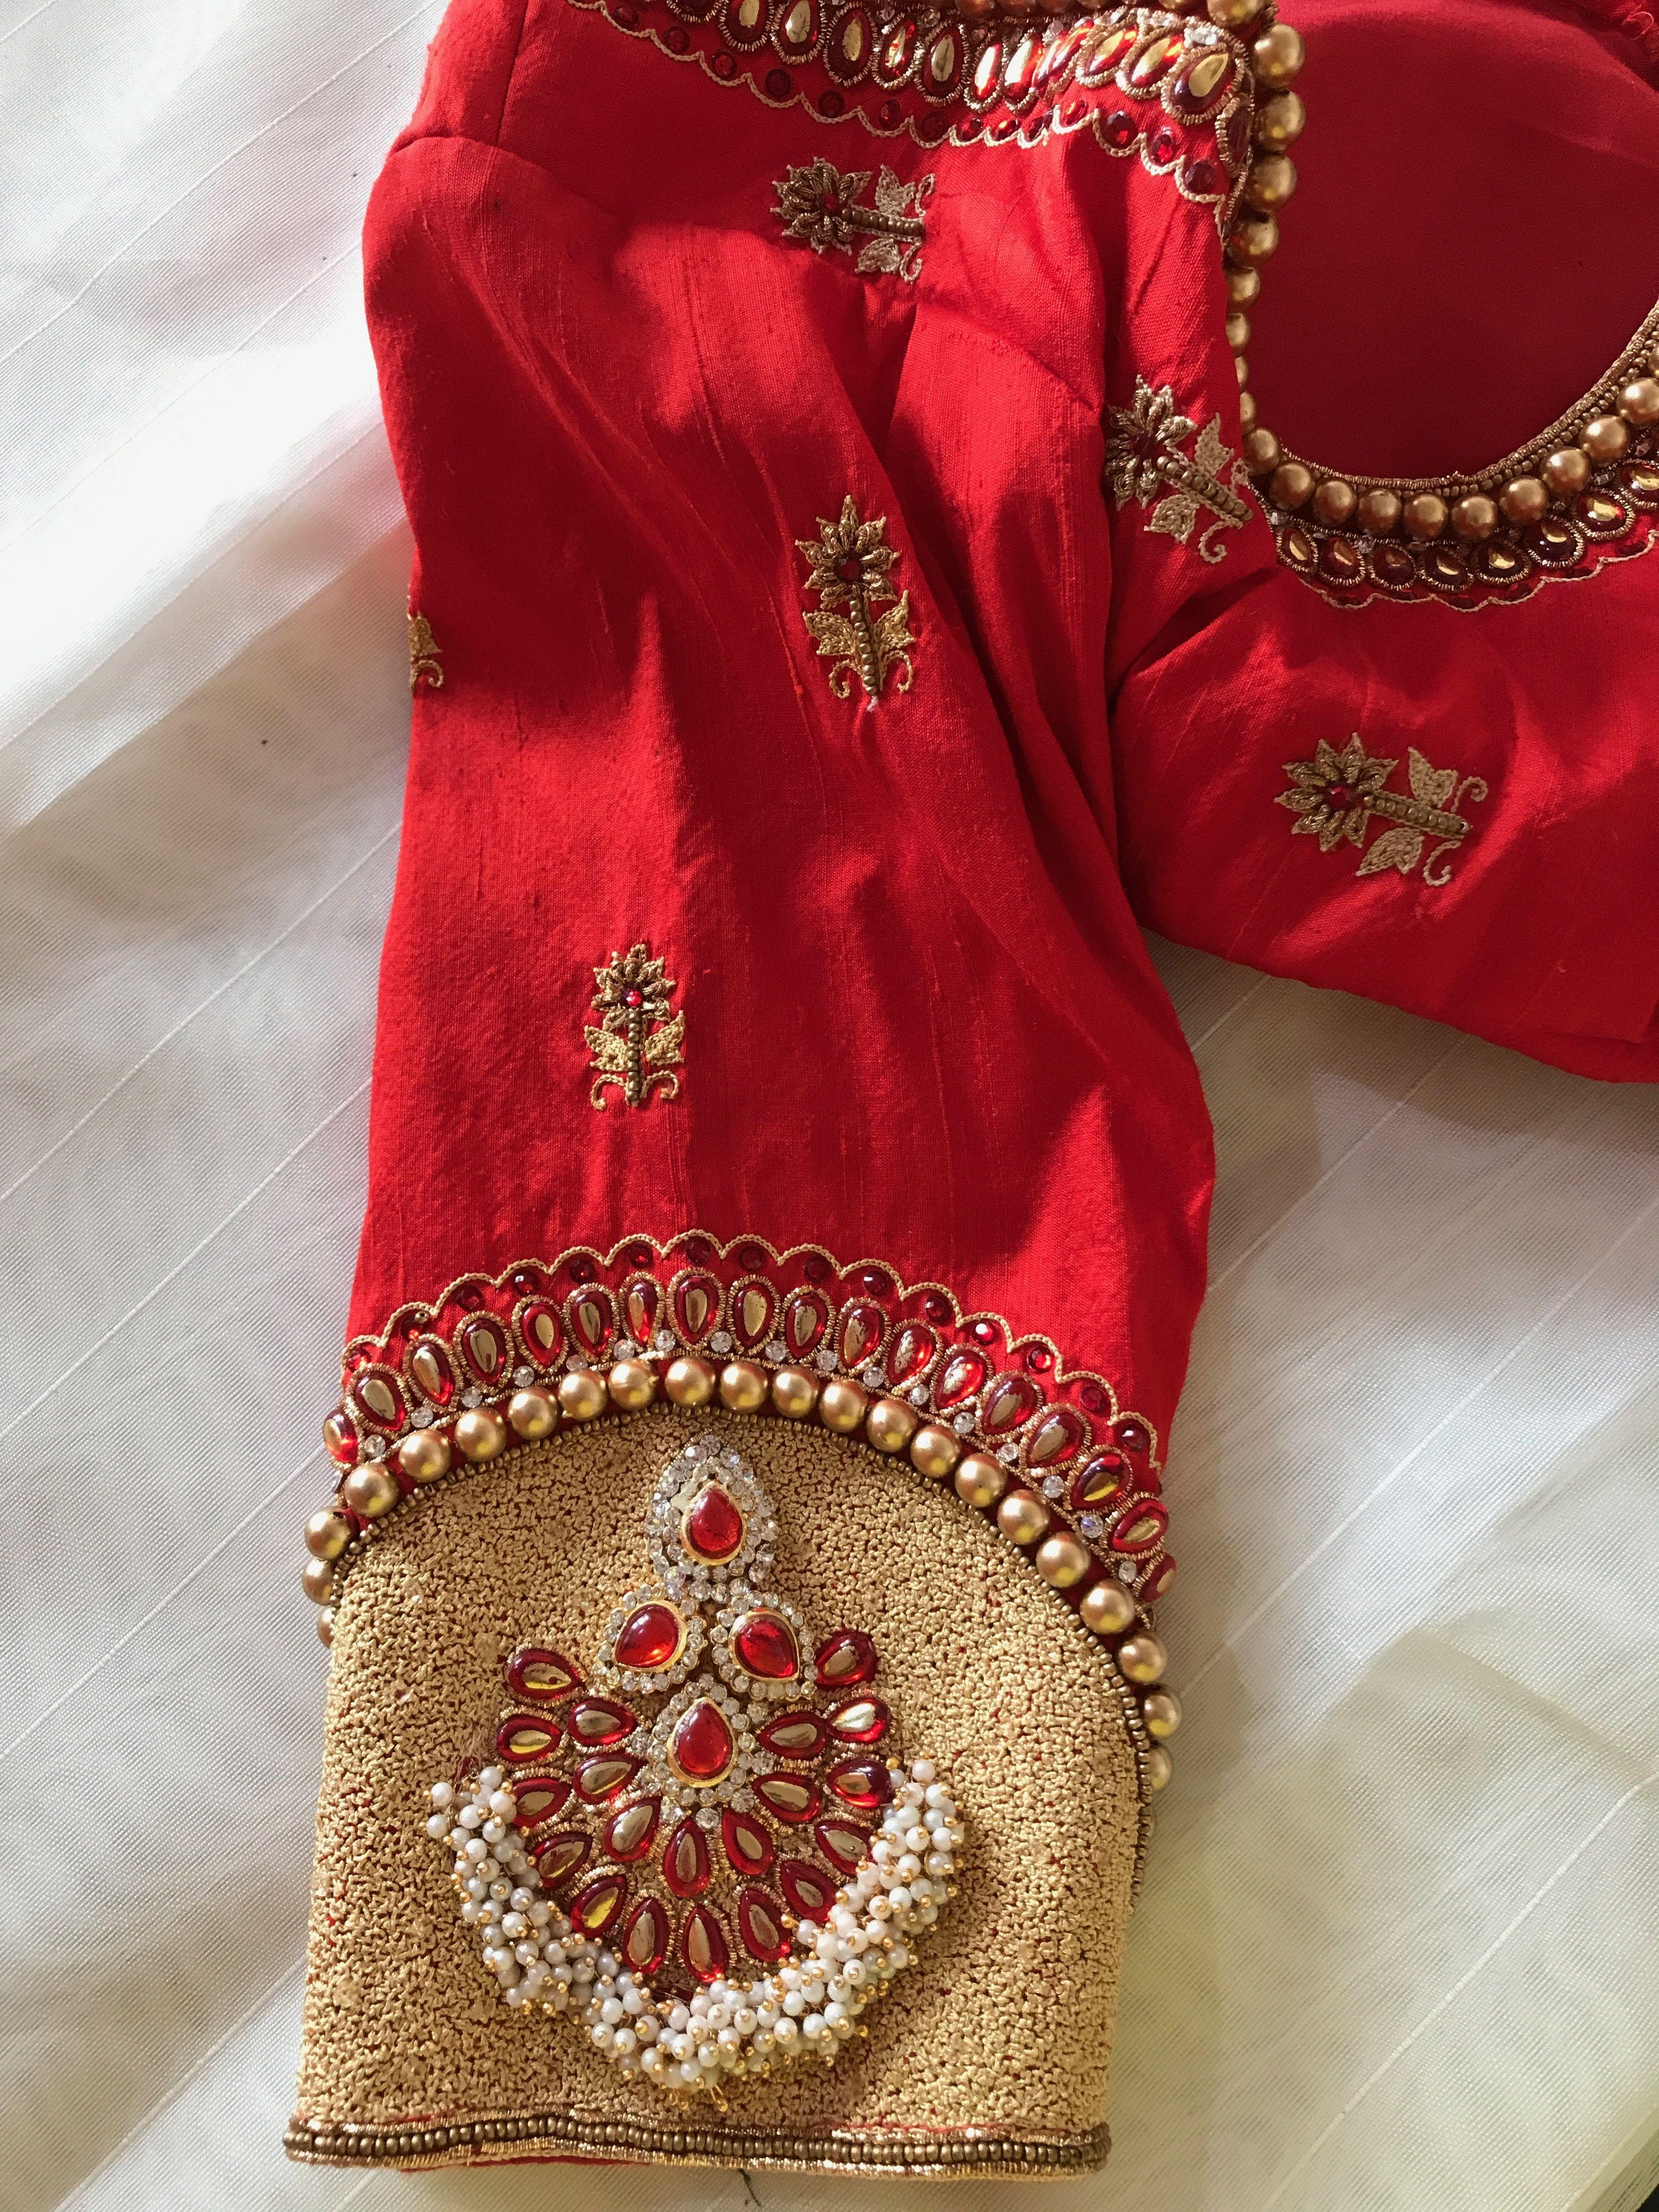 Pin von Nithya auf Niti | Niti | Pinterest | Nilam, Textildesign und ...